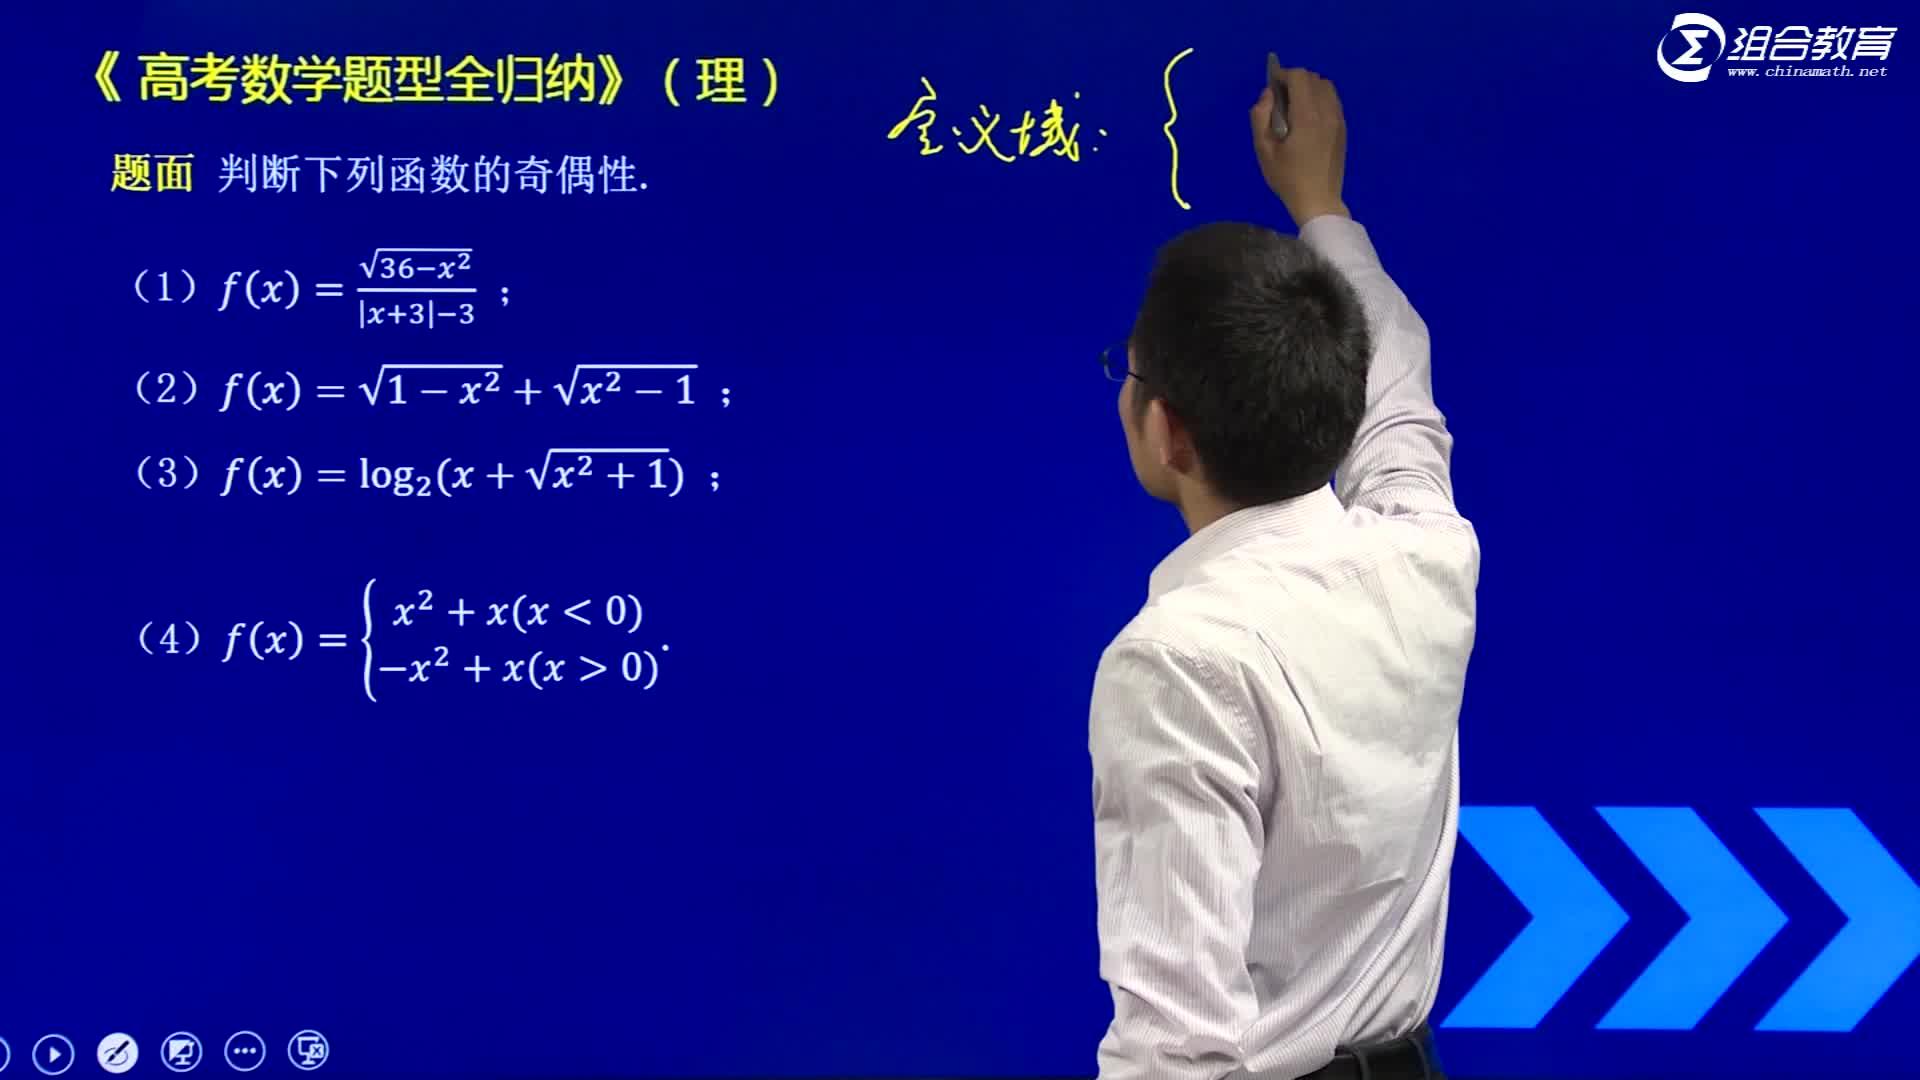 2020《高考数学题型全归纳》理科版——题型全面、解法分析透彻、变式启迪思维。轻松提高高考数学成绩。 第二章 函数  [来自e网通客户端]